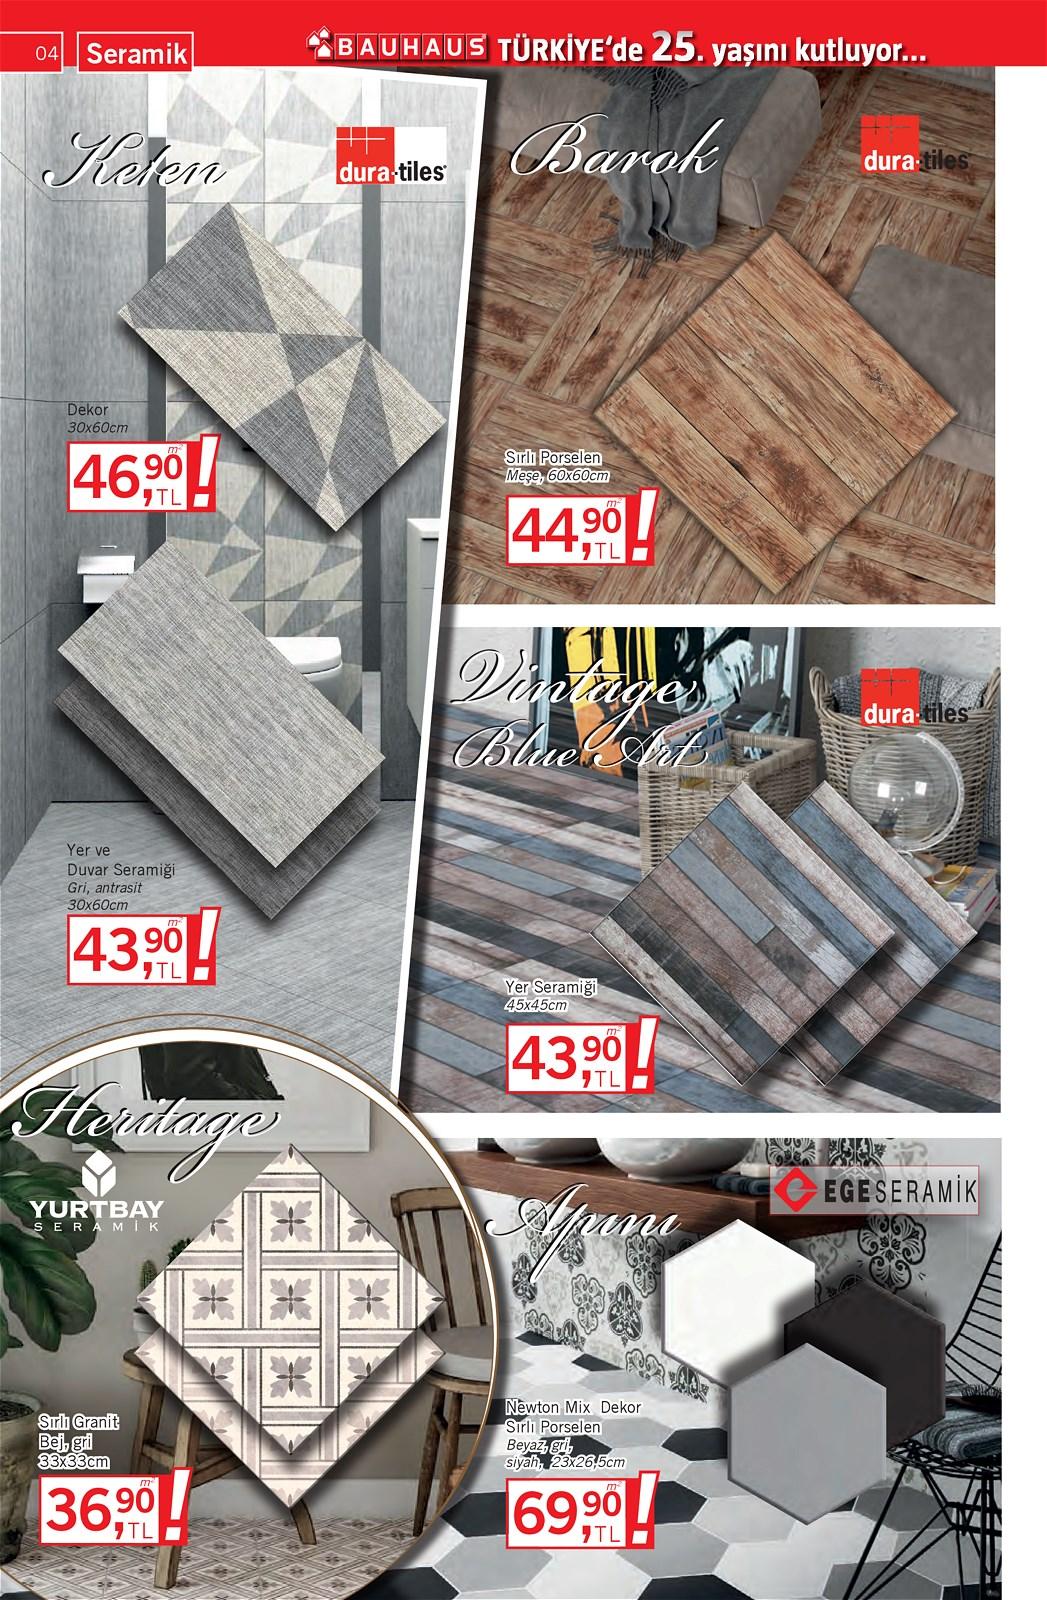 29.05.2021 Bauhaus broşürü 4. sayfa